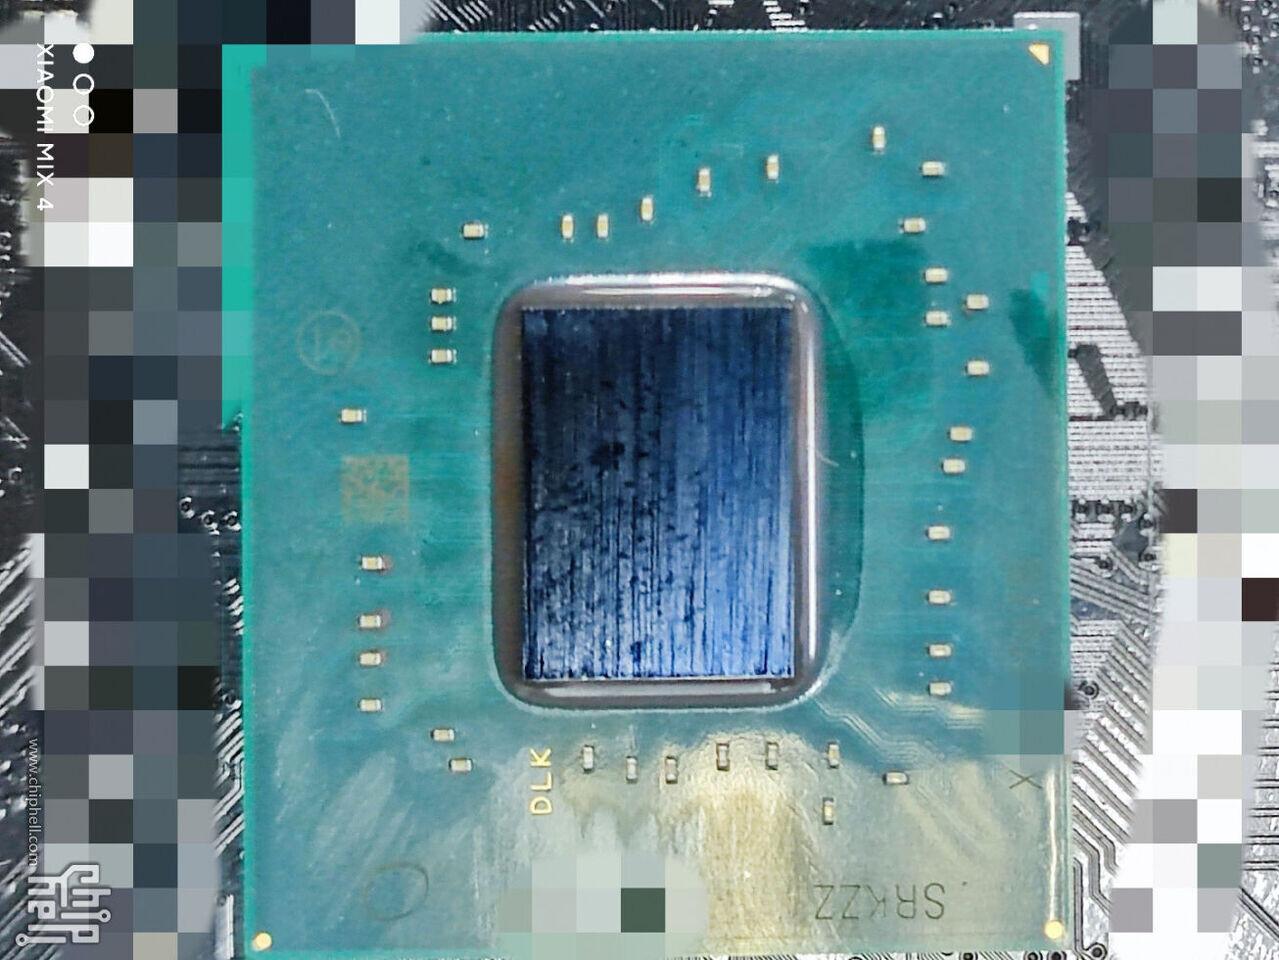 تصاویر جدیدی از چیپست Z690 در سطح اینترنت منتشر شدند